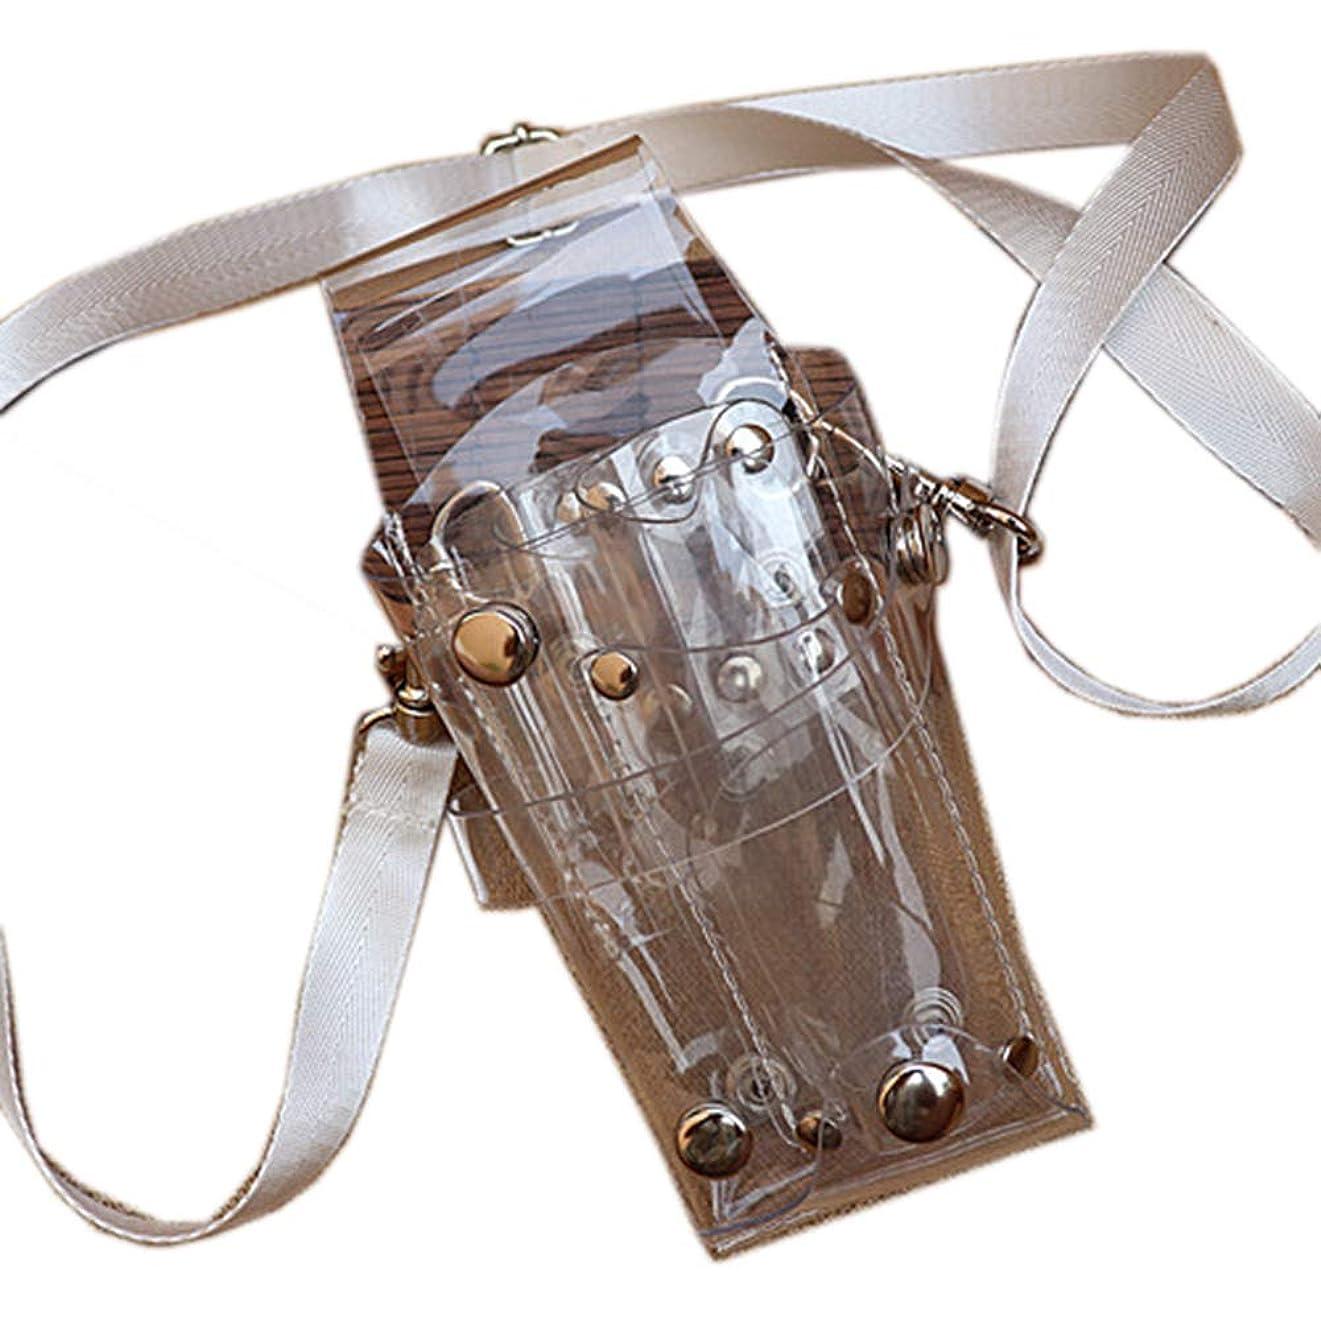 コインクルーズ挑発するCAMOAR シザーケース 透明 クシ ハサミ収納 7丁 クリアケース 美容師 トリマー プロ仕様 ins 人気 個性的 透明